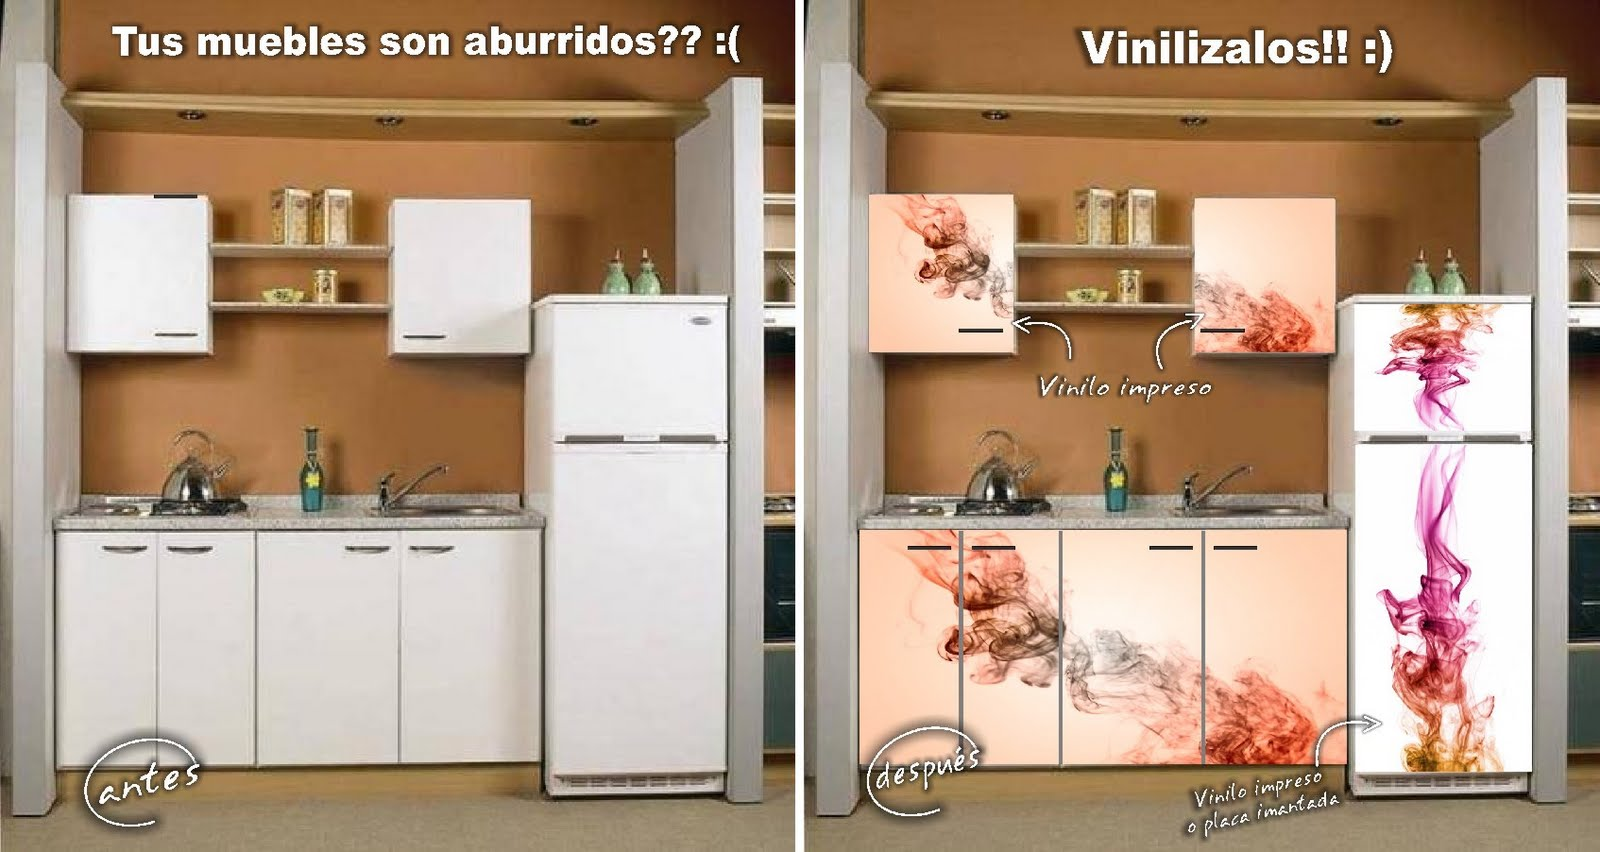 Decorativa vinilos para tu hogar muebles de cocina - Vinilo muebles cocina ...